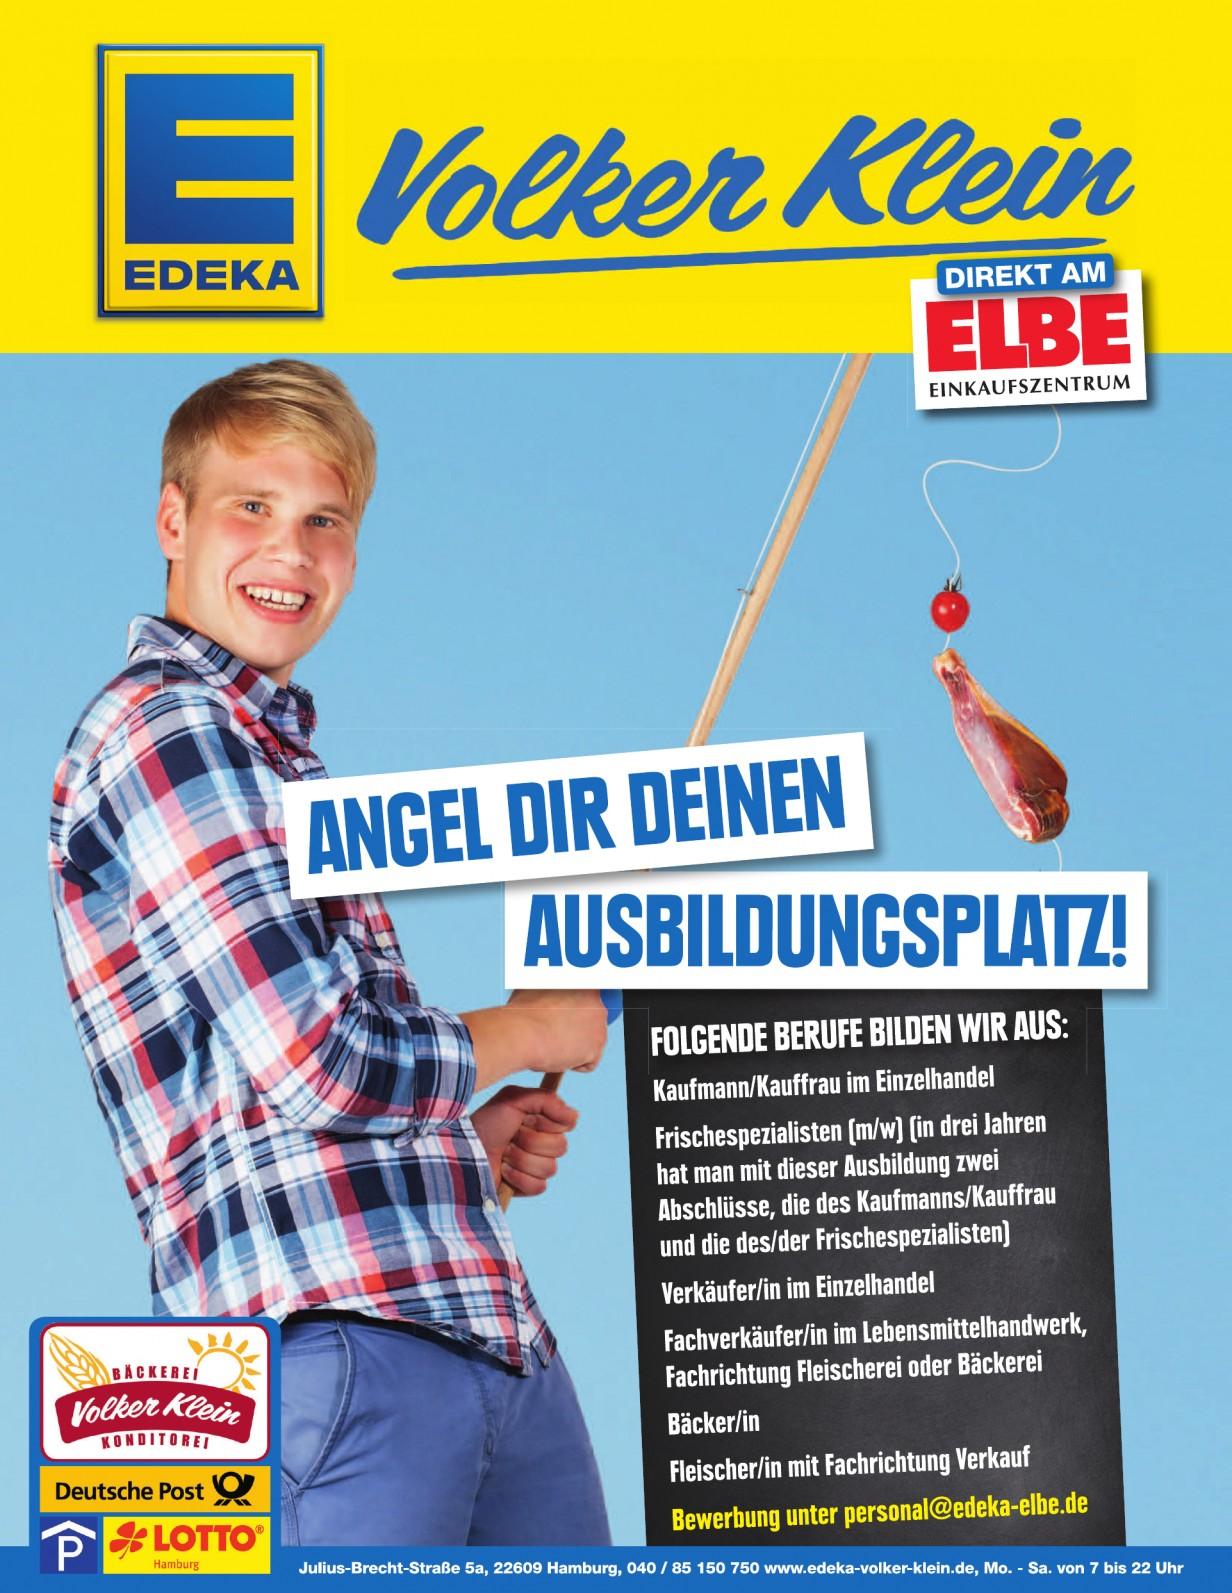 Edeka Volker Klein